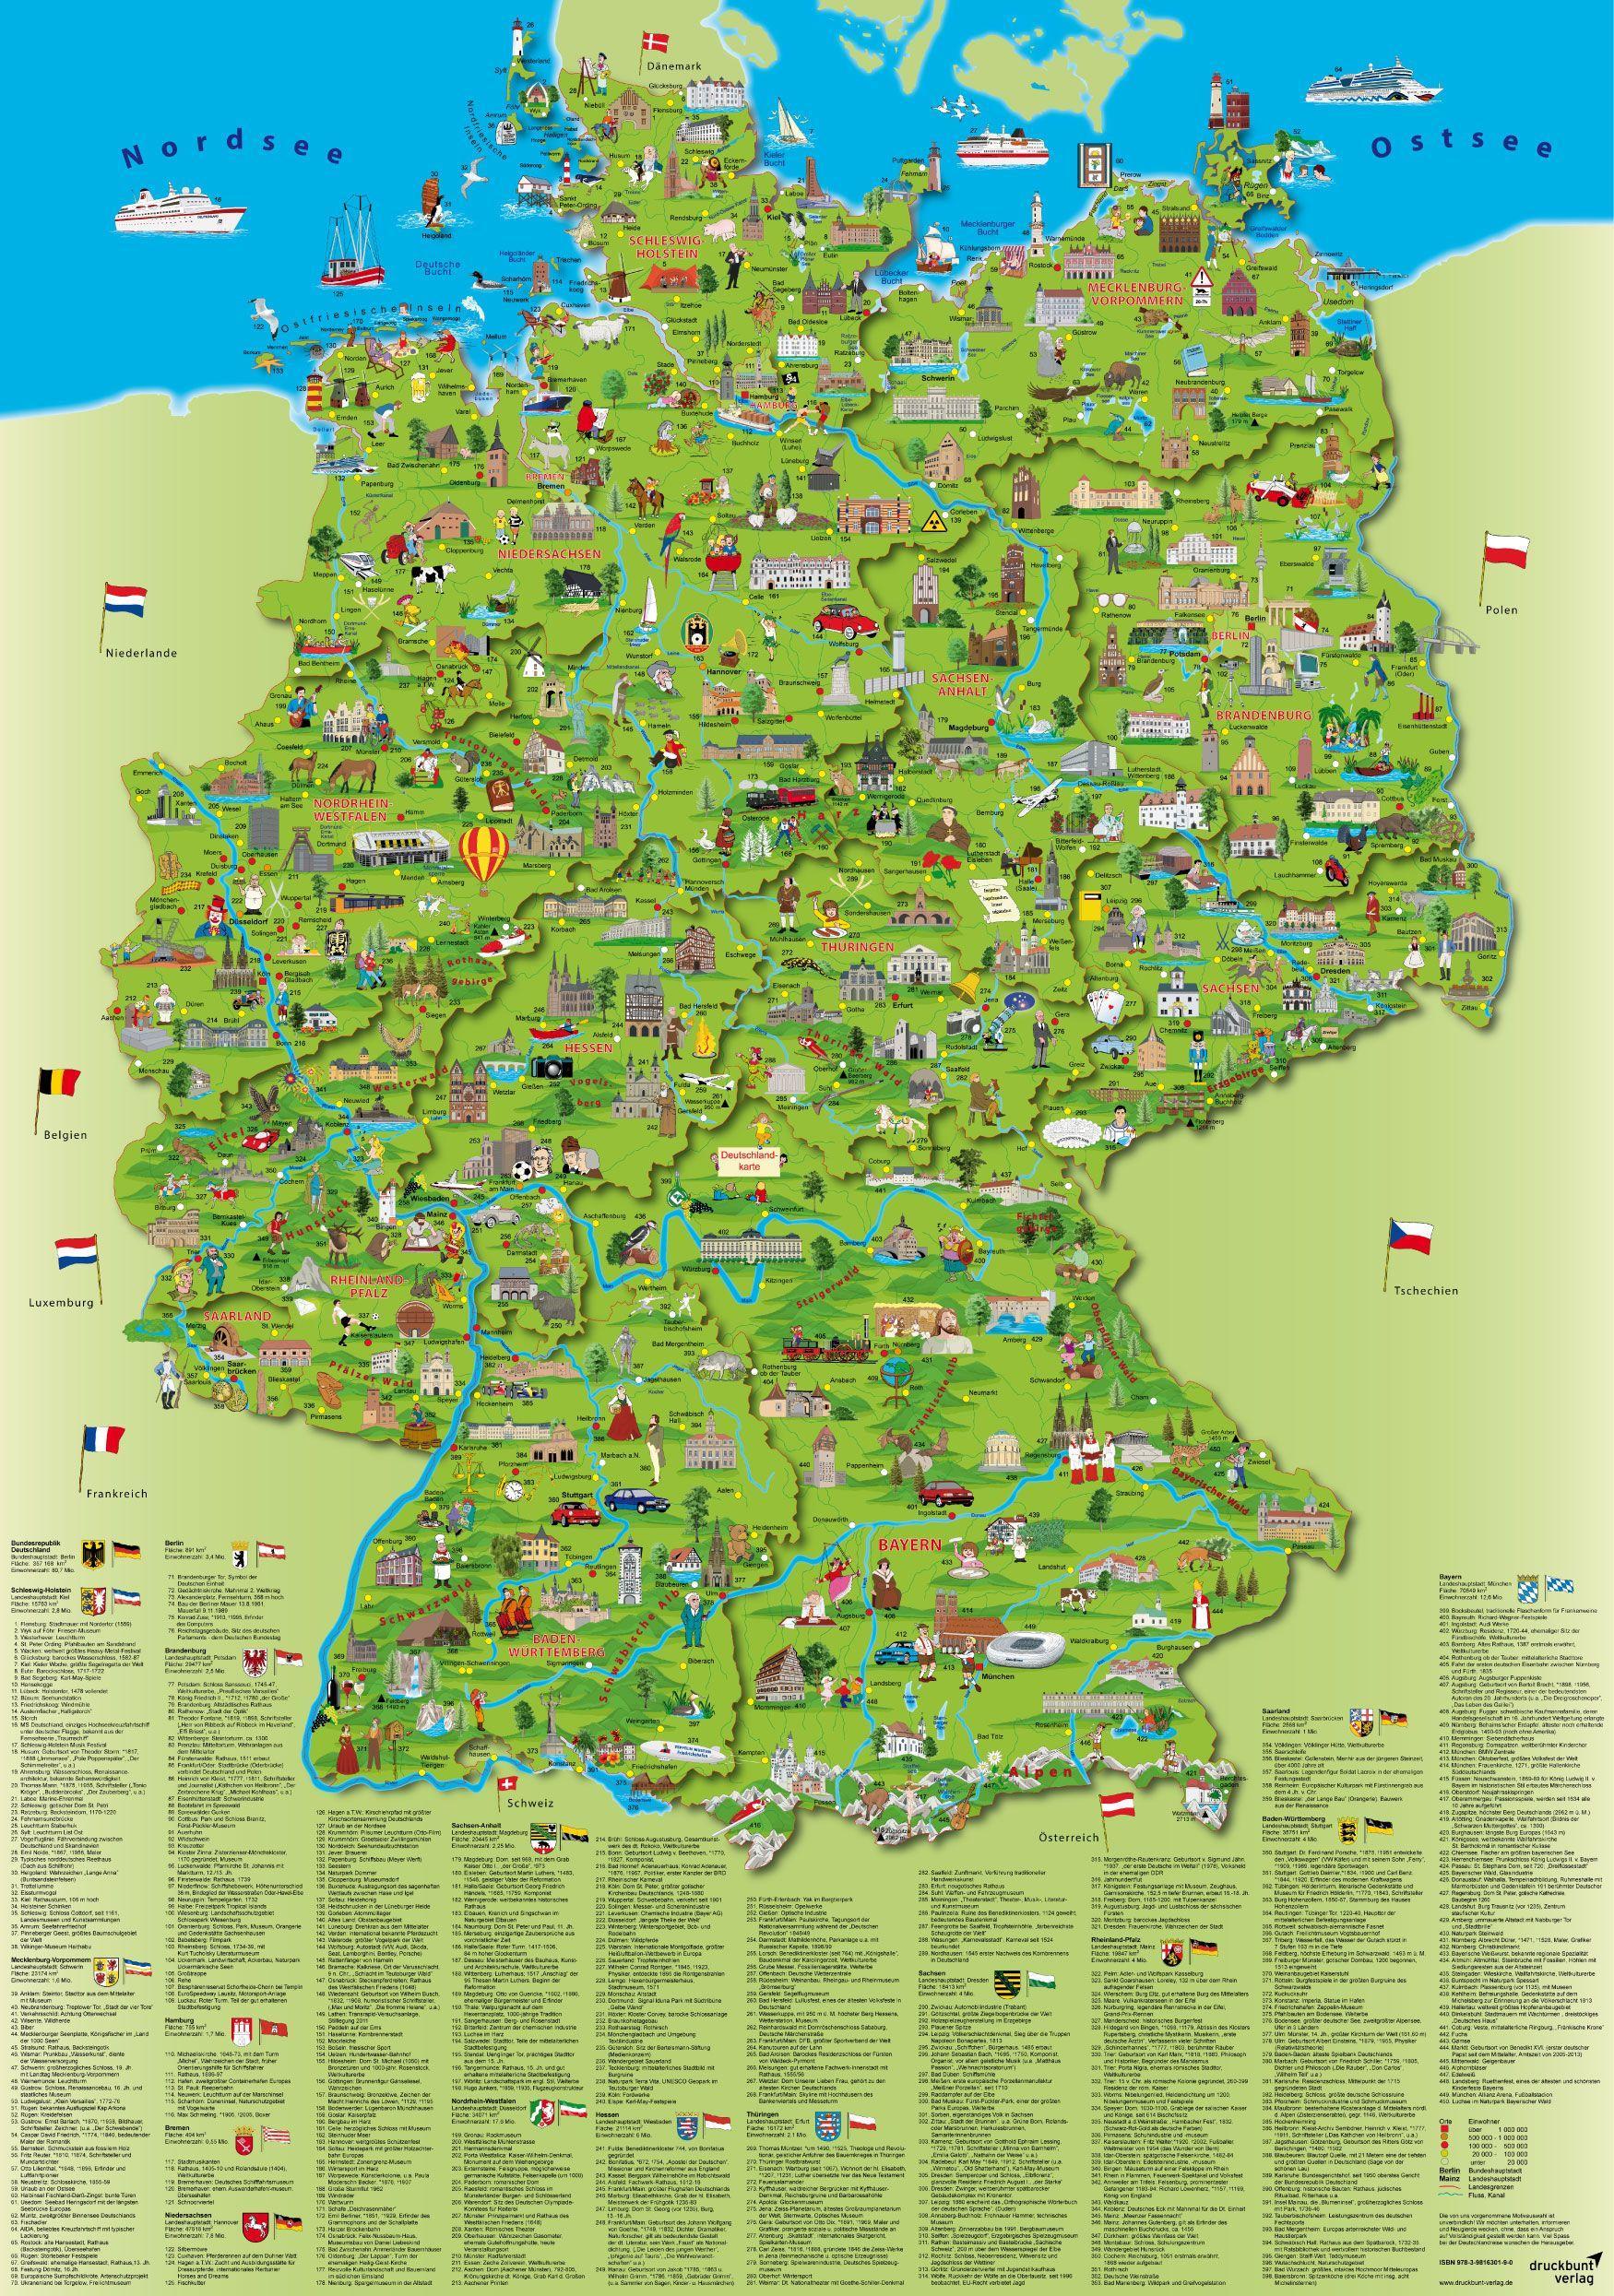 európa térkép németország Németország utazás, térkép, Utazás Németország térkép (Nyugat  európa térkép németország